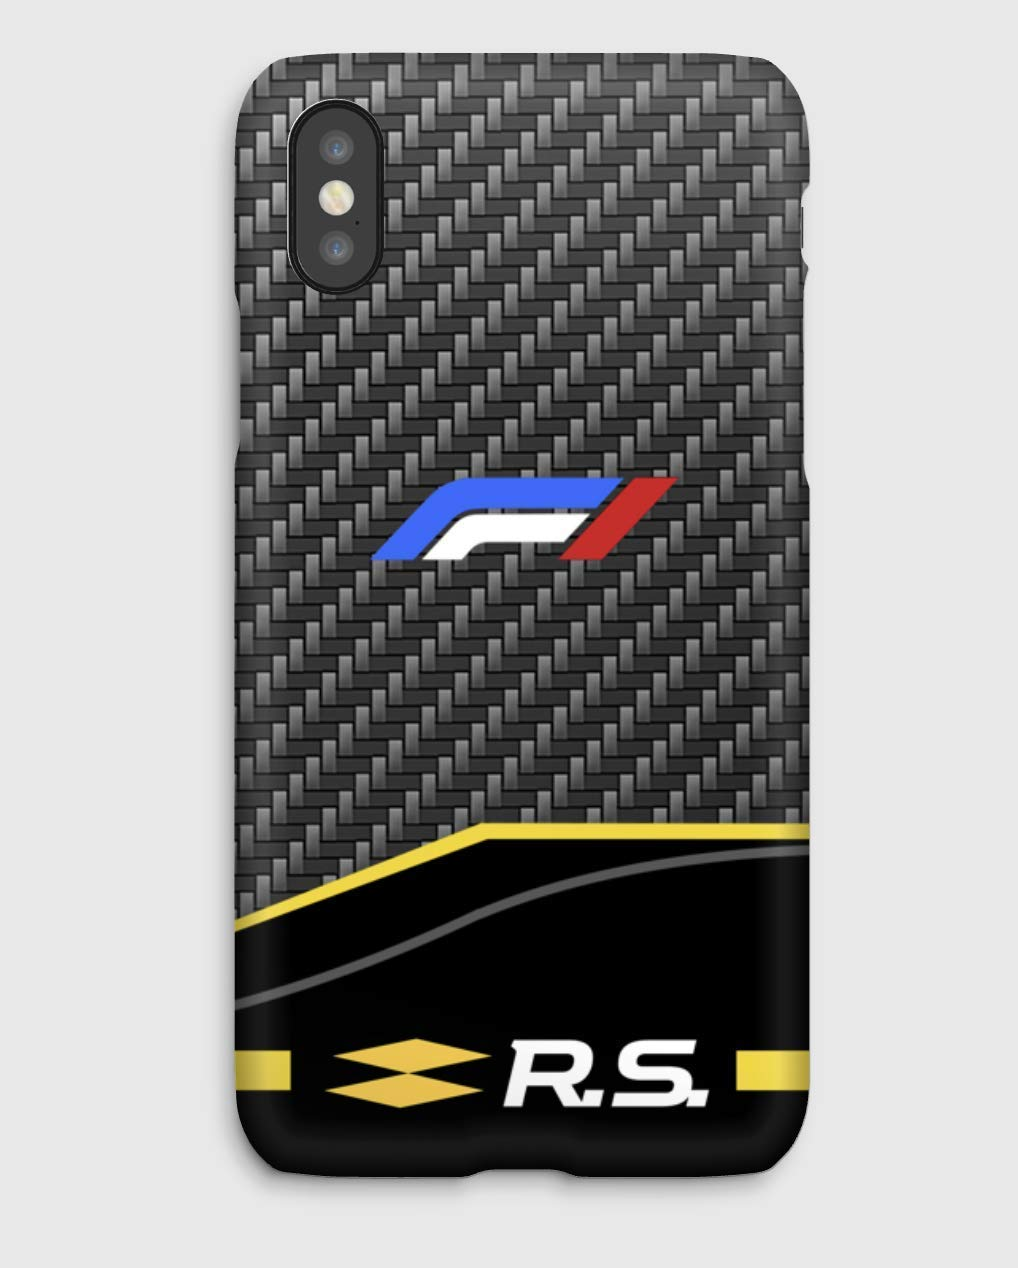 F1 carbon Renault Funda para el iPhone XS, XS Max, XR, X, 8, 8+, 7, 7+, 6S, 6, 6S+, 6+, 5C, 5, 5S, 5SE, 4S, 4,